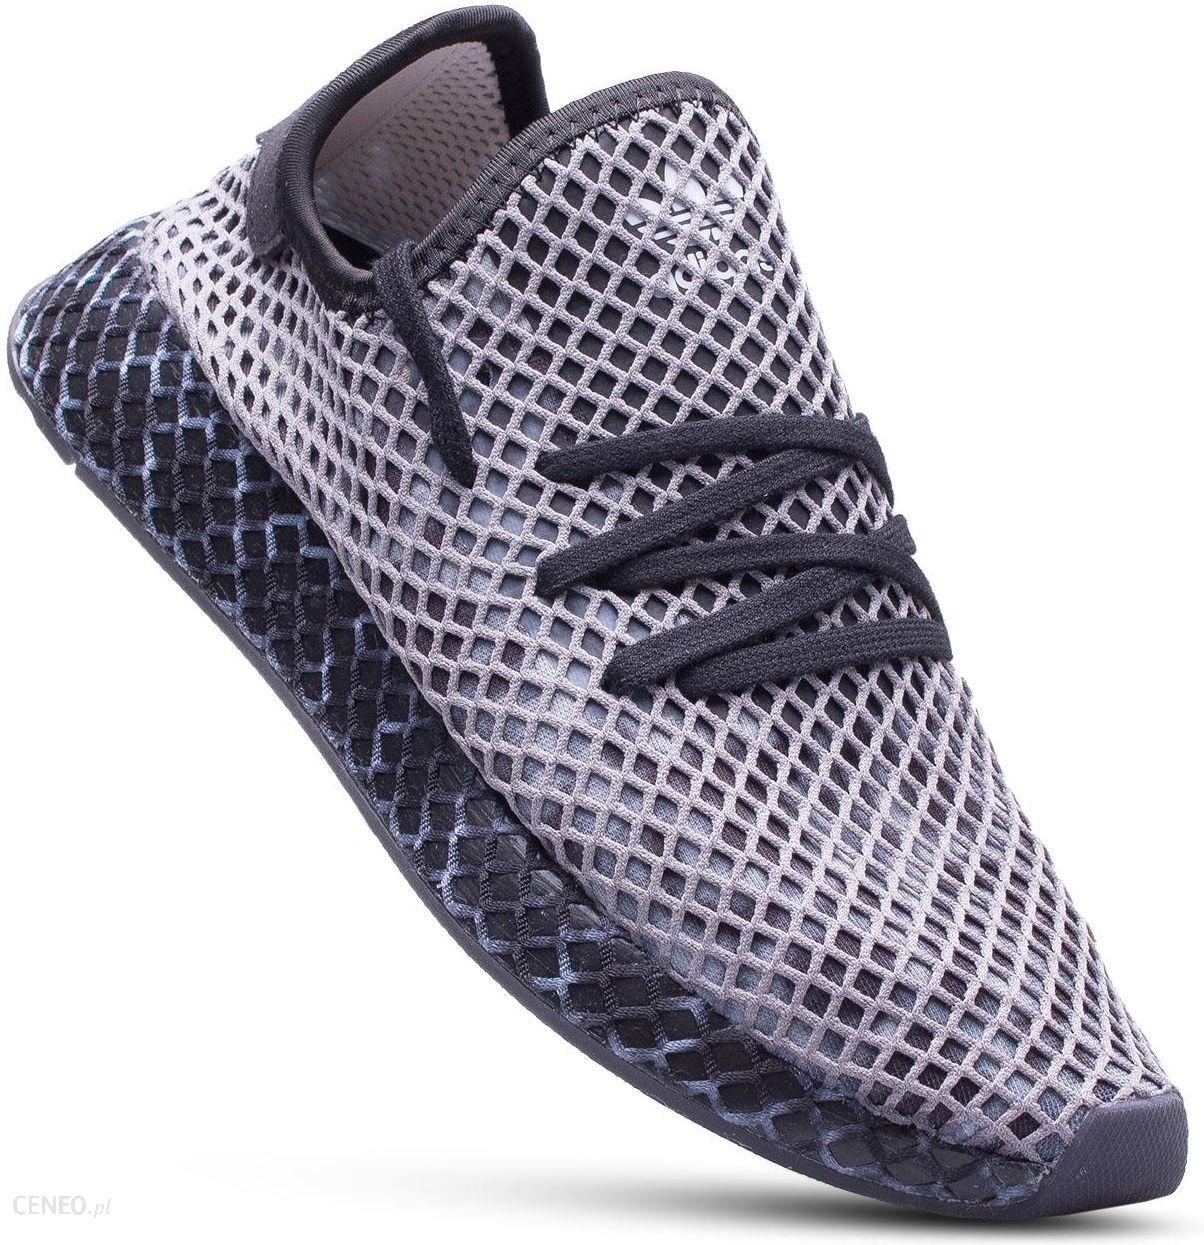 Buty sportowe męskie Adidas Deerupt Runner (EE5657)